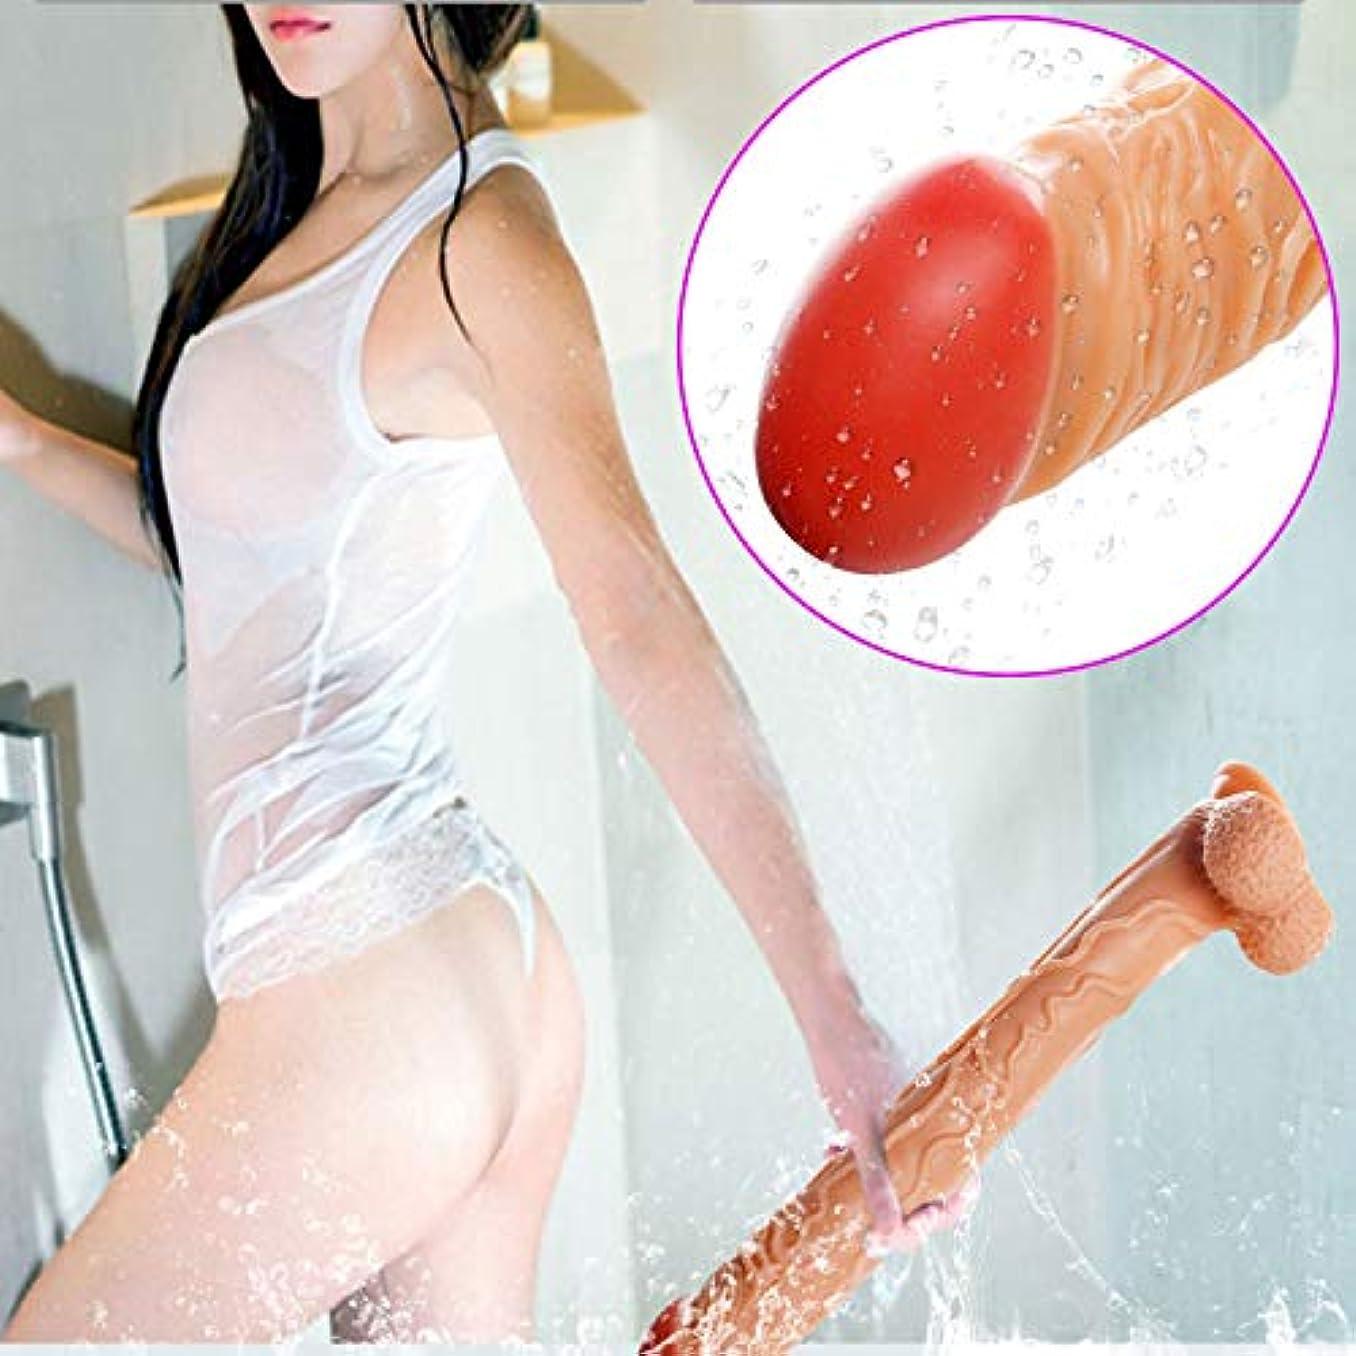 アカデミック奇跡的なうねるFHLJ 16.4インチの過剰シリコン?î`ld?s 'MasssǎgerWand Topnotch Personal Body Massage Wand